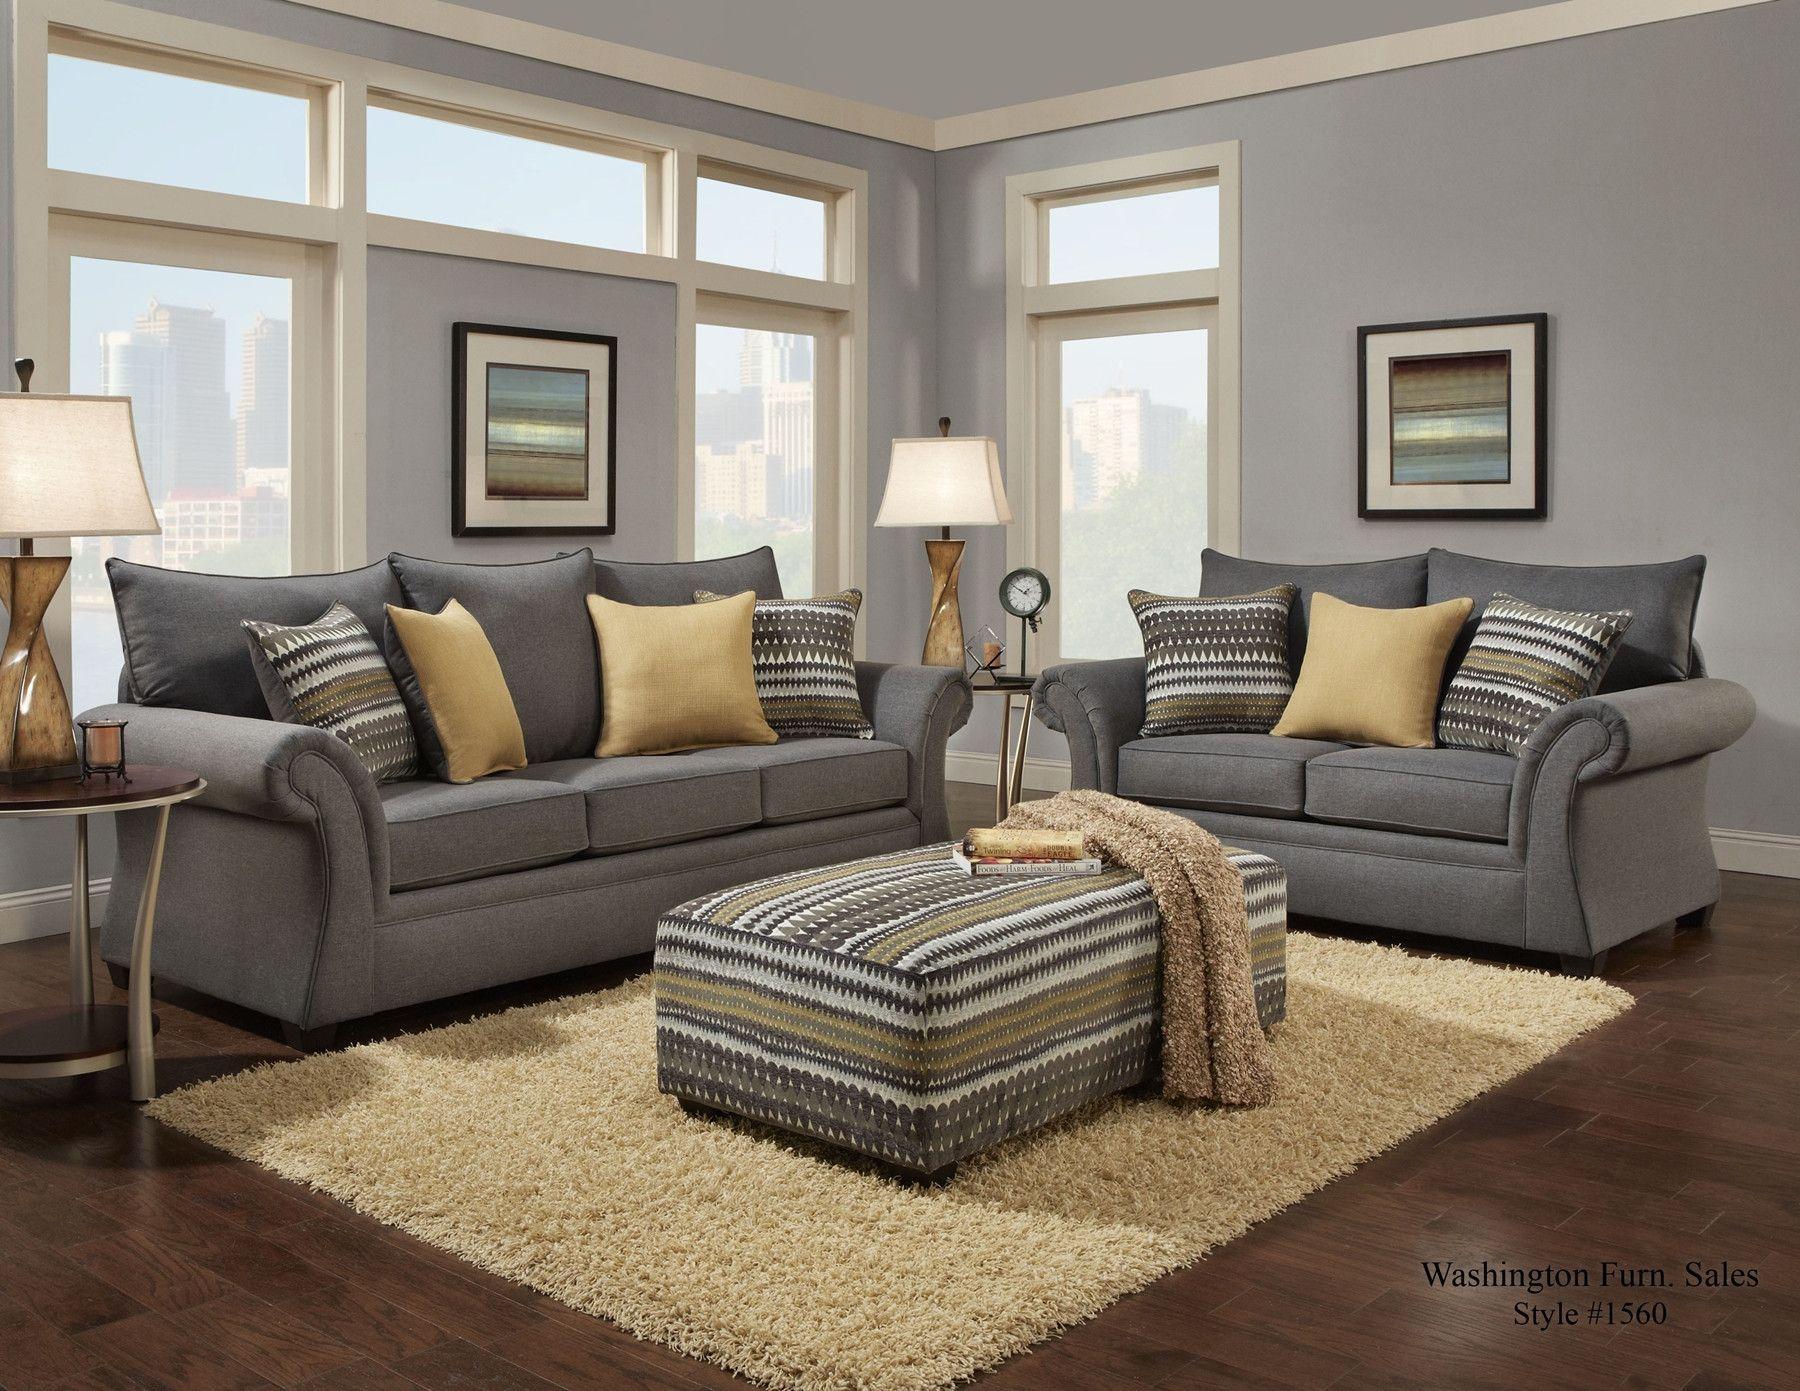 1560  The Contemporary Living Room Set  Grey  Living Room Sets Cool Designer Living Room Sets Decorating Design